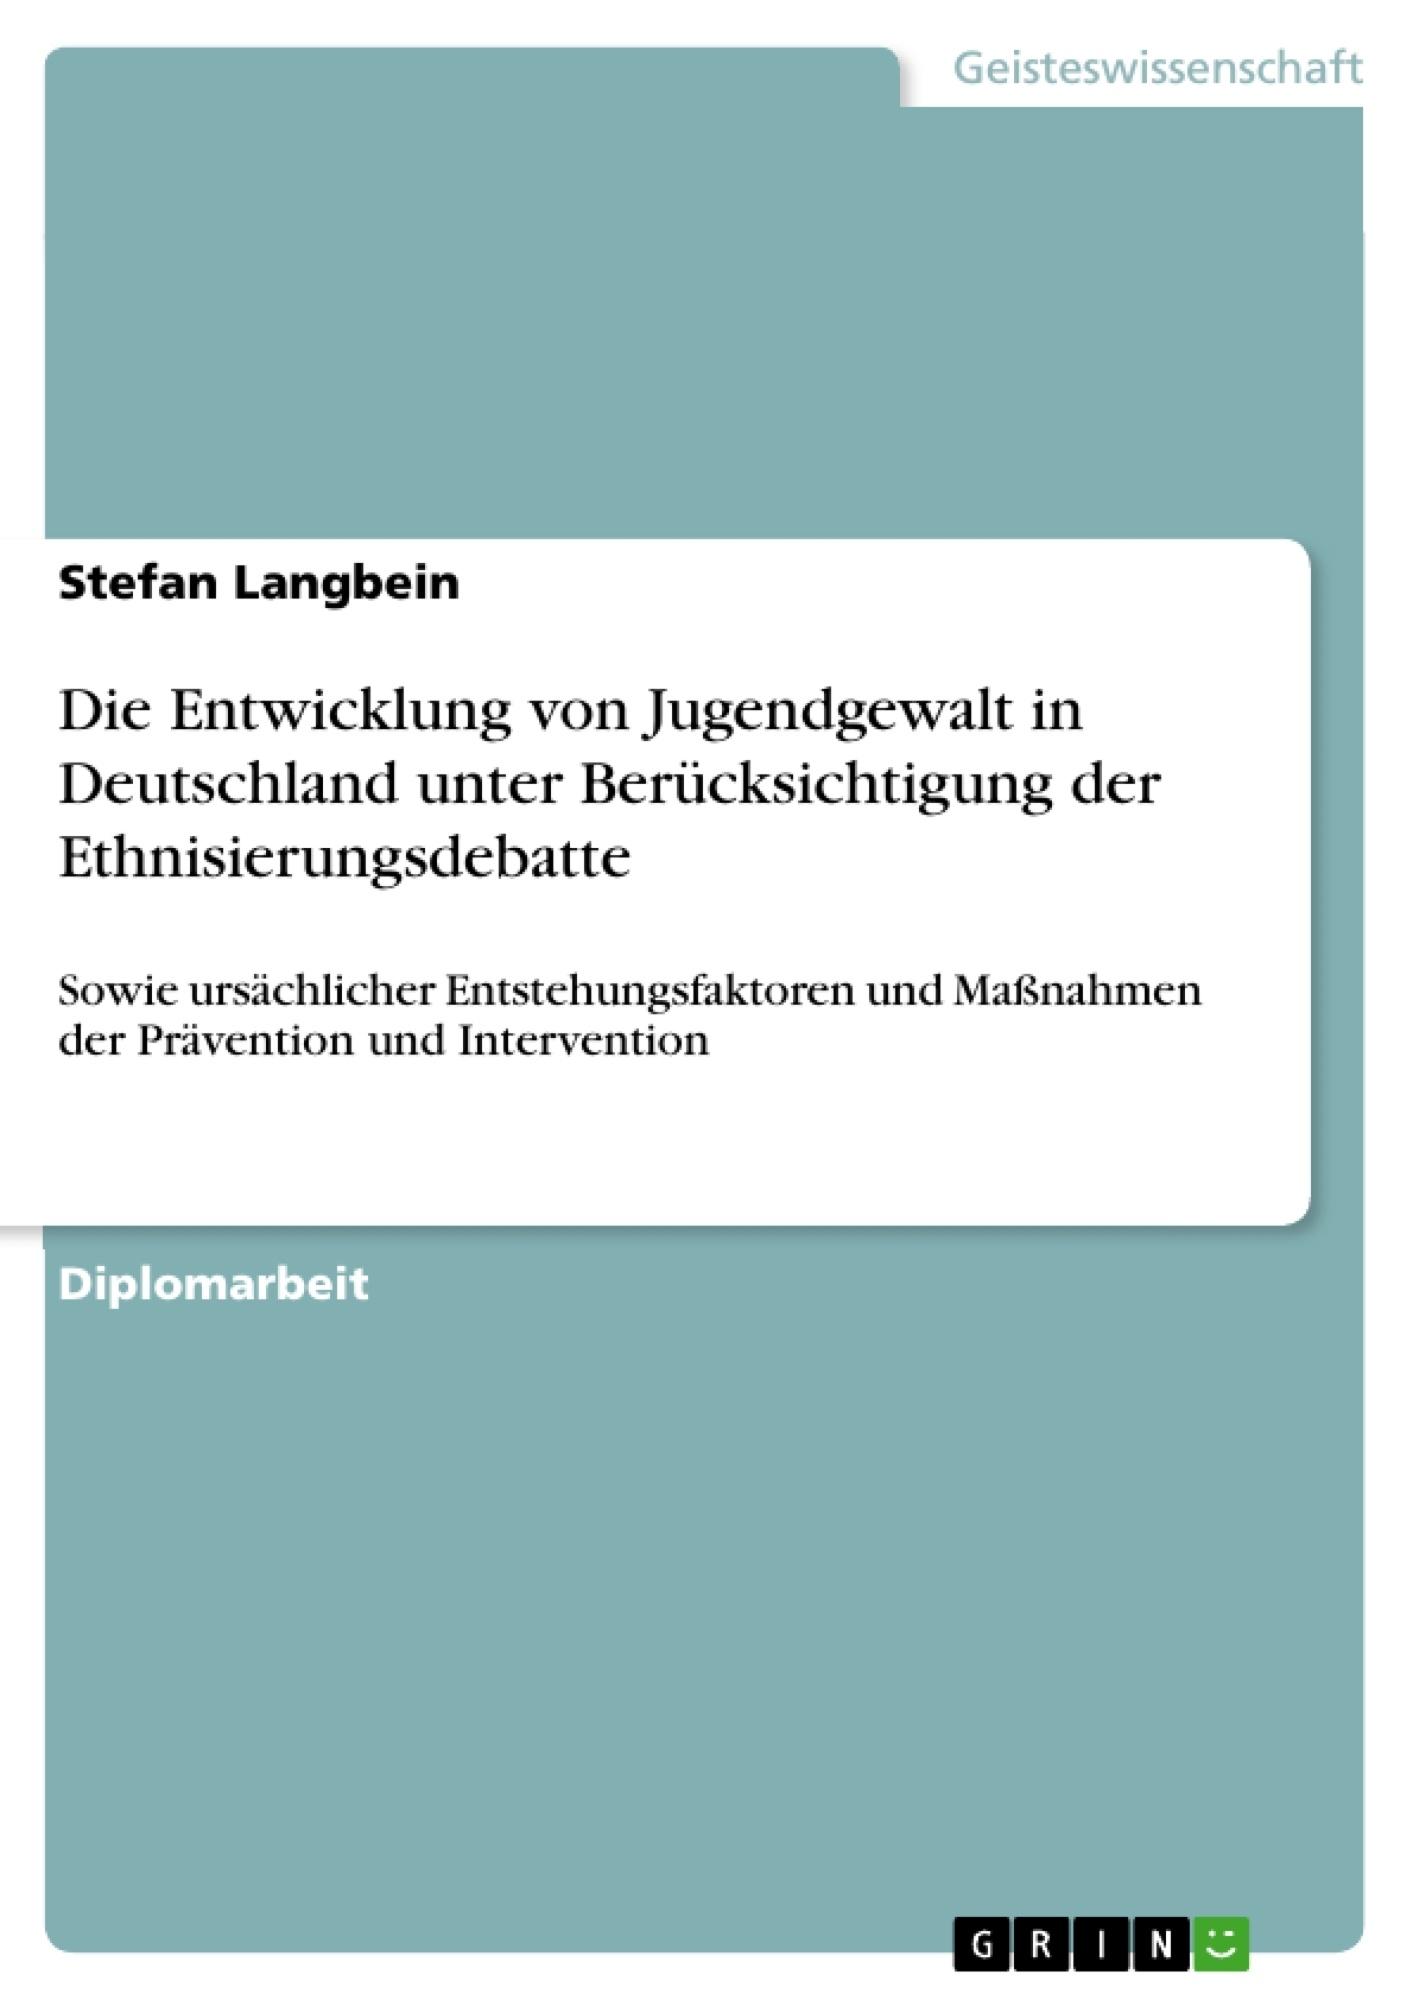 Titel: Die Entwicklung von Jugendgewalt in Deutschland unter Berücksichtigung der Ethnisierungsdebatte